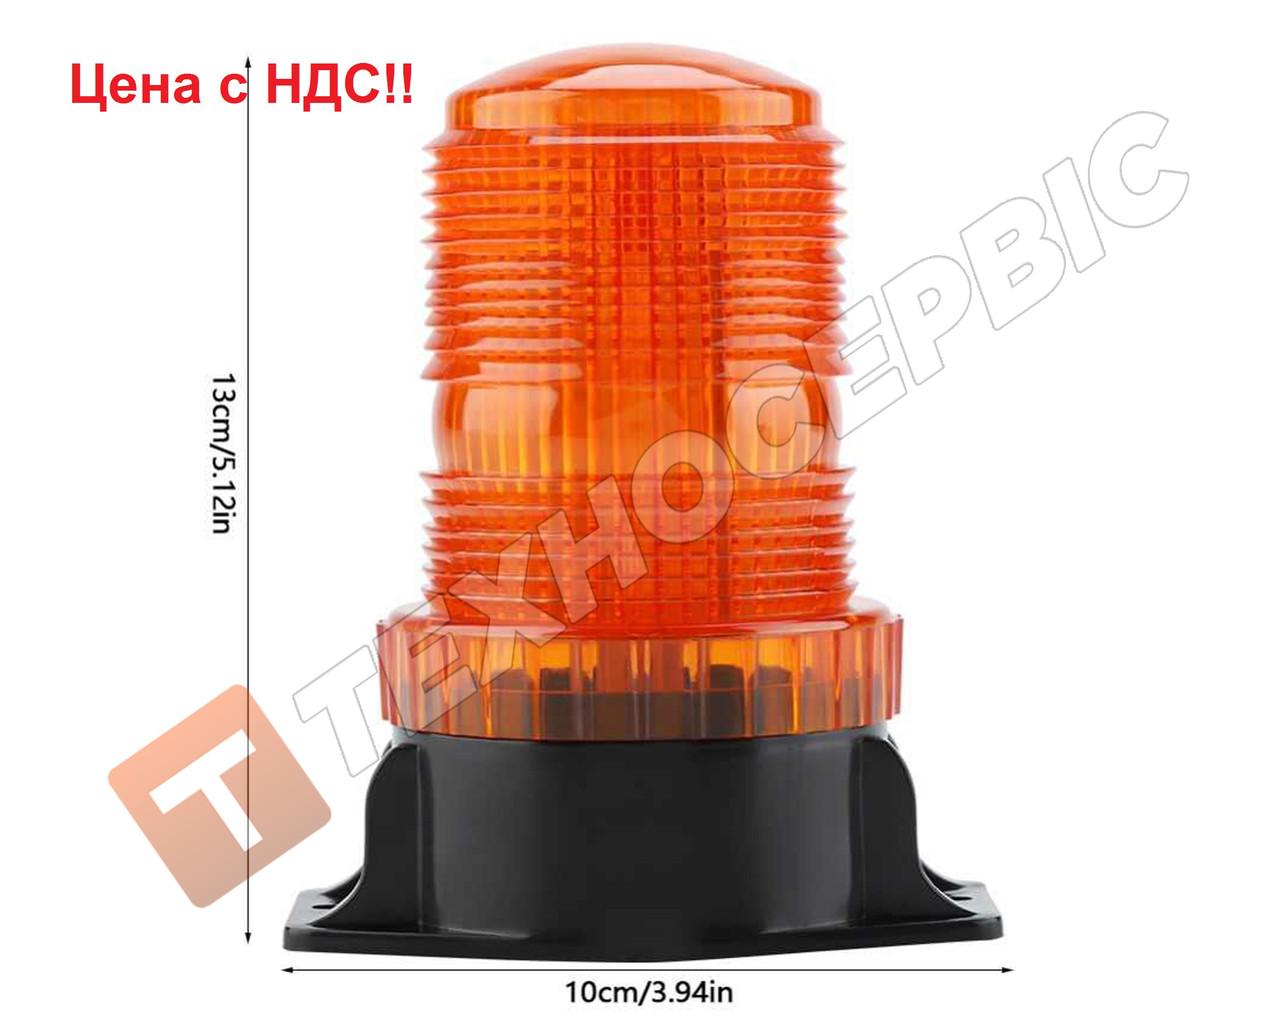 Проблисковий Маячок жовтогарячий світлодіодний LED 10-30Вольт (мигалки) стаціонарне кріплення Туреччина (ЦІНА